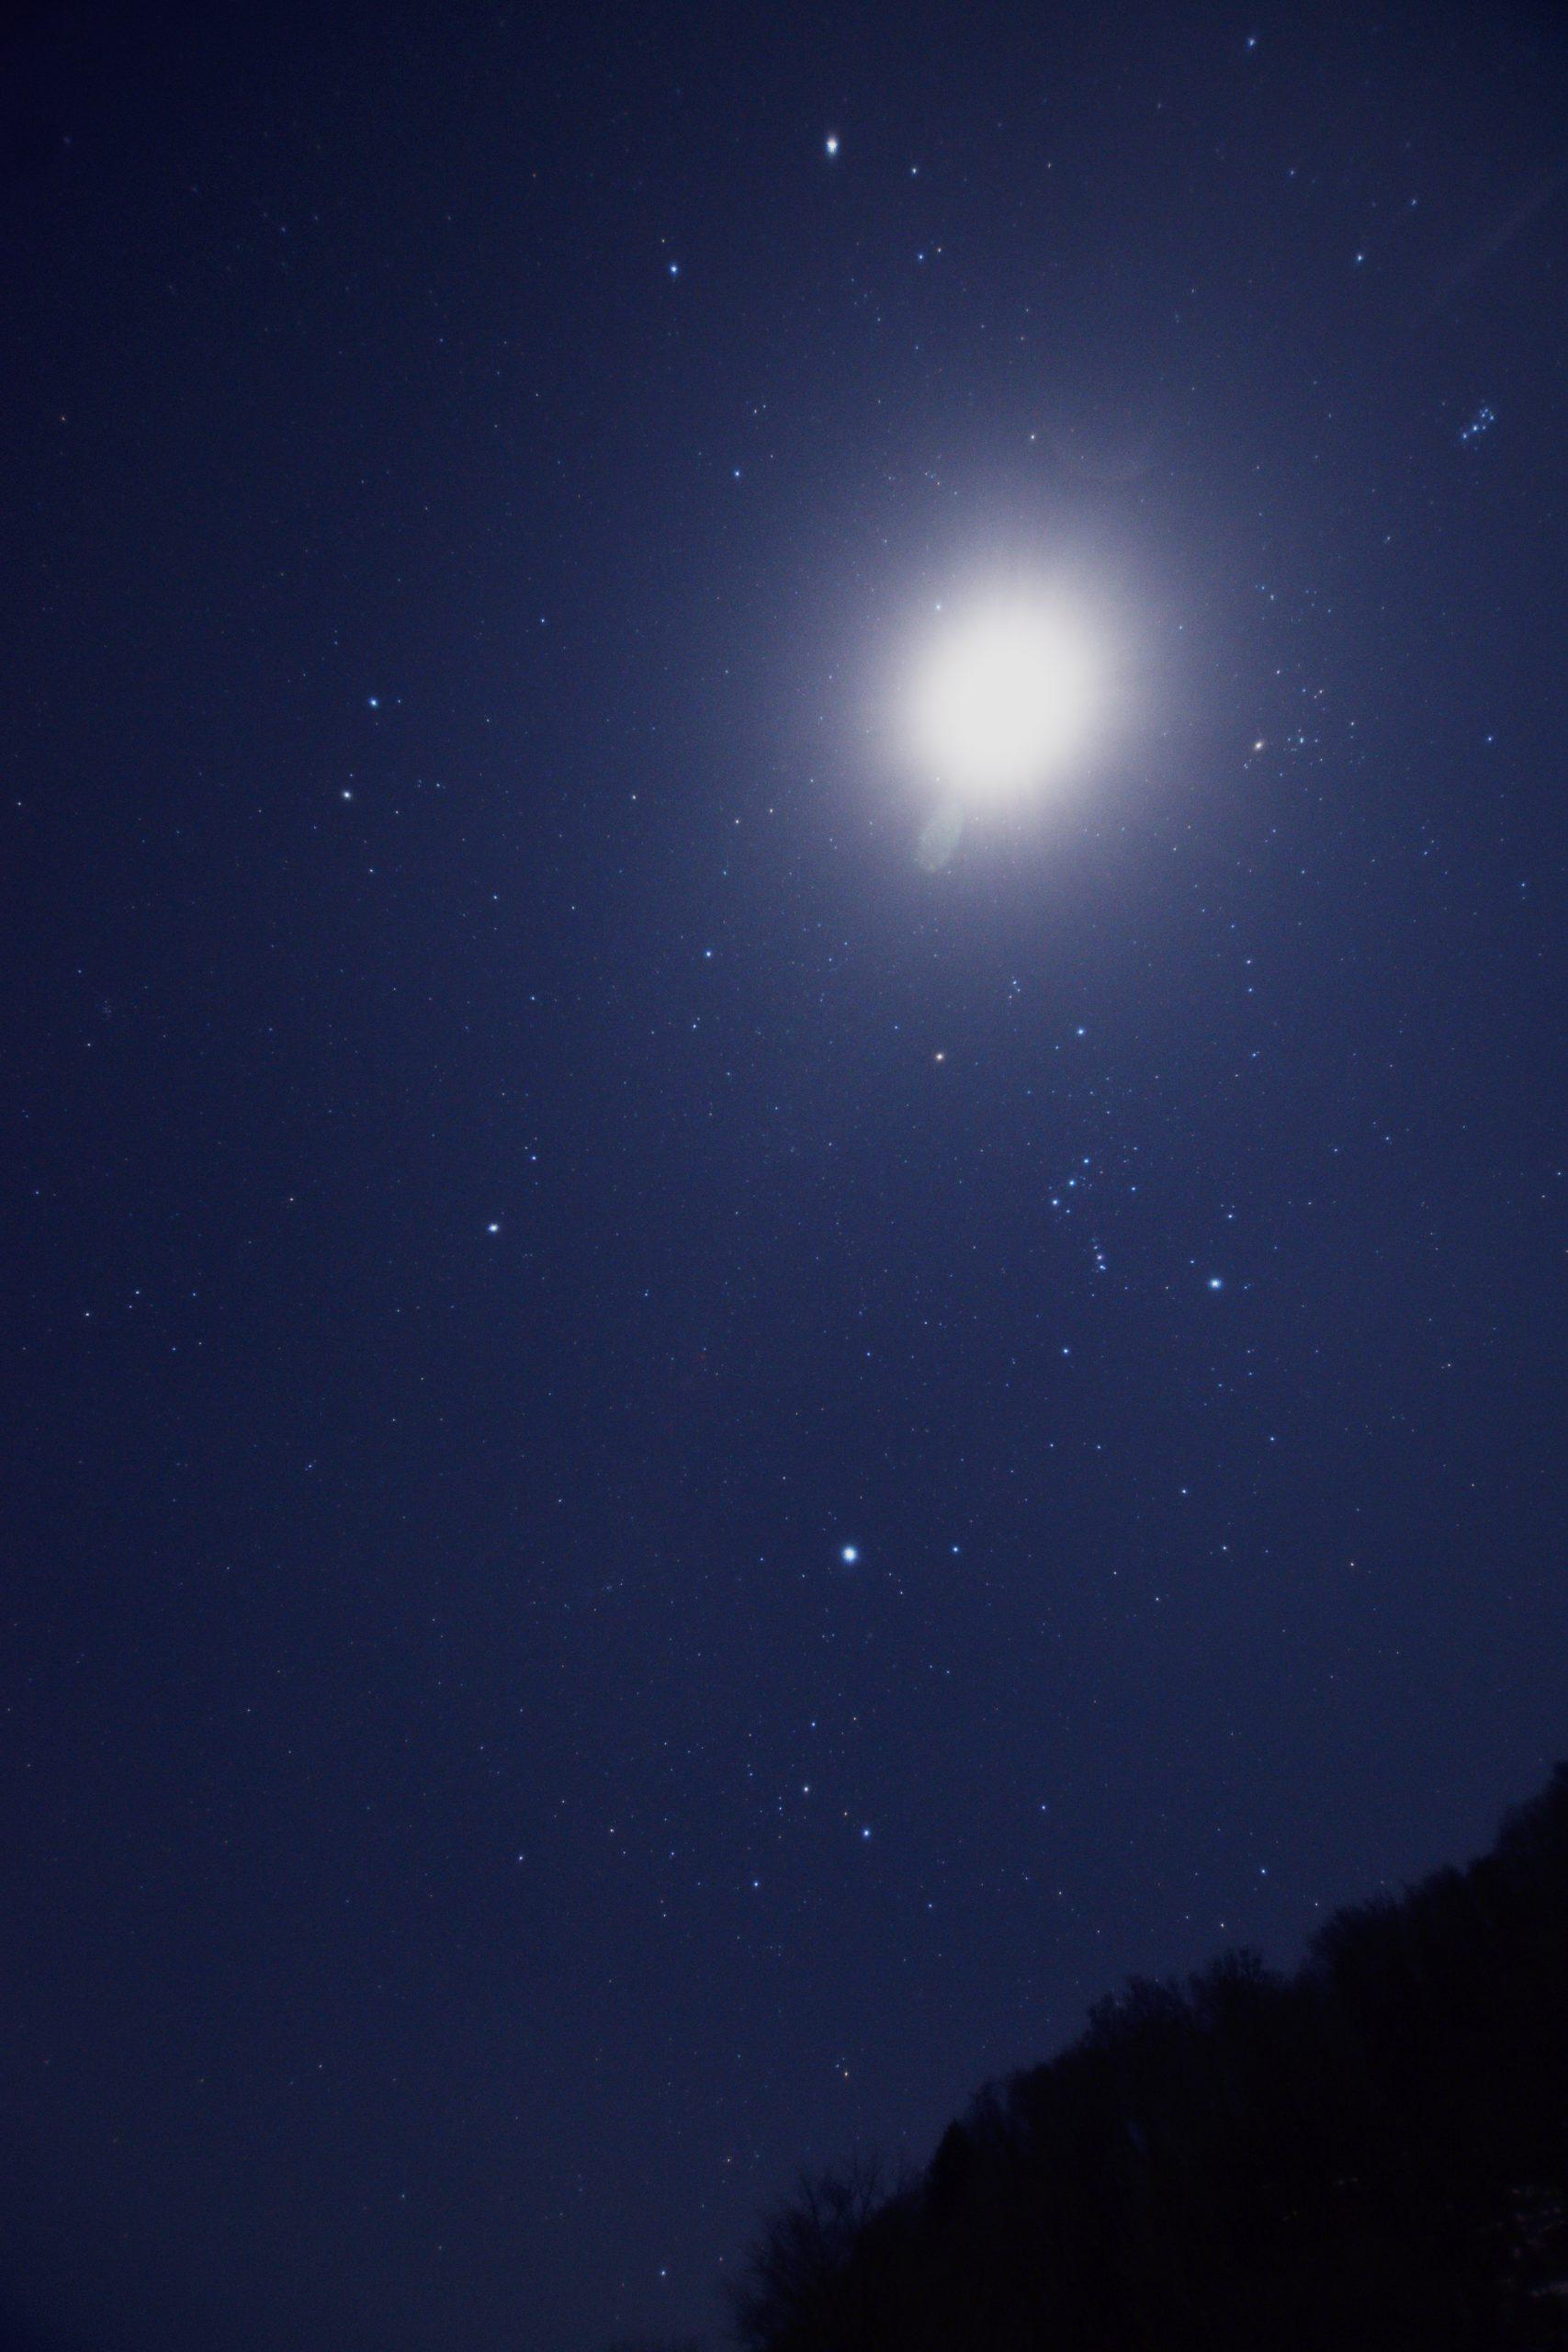 和佐又山キャンプ場跡にて冬のダイヤモンドと上弦の月